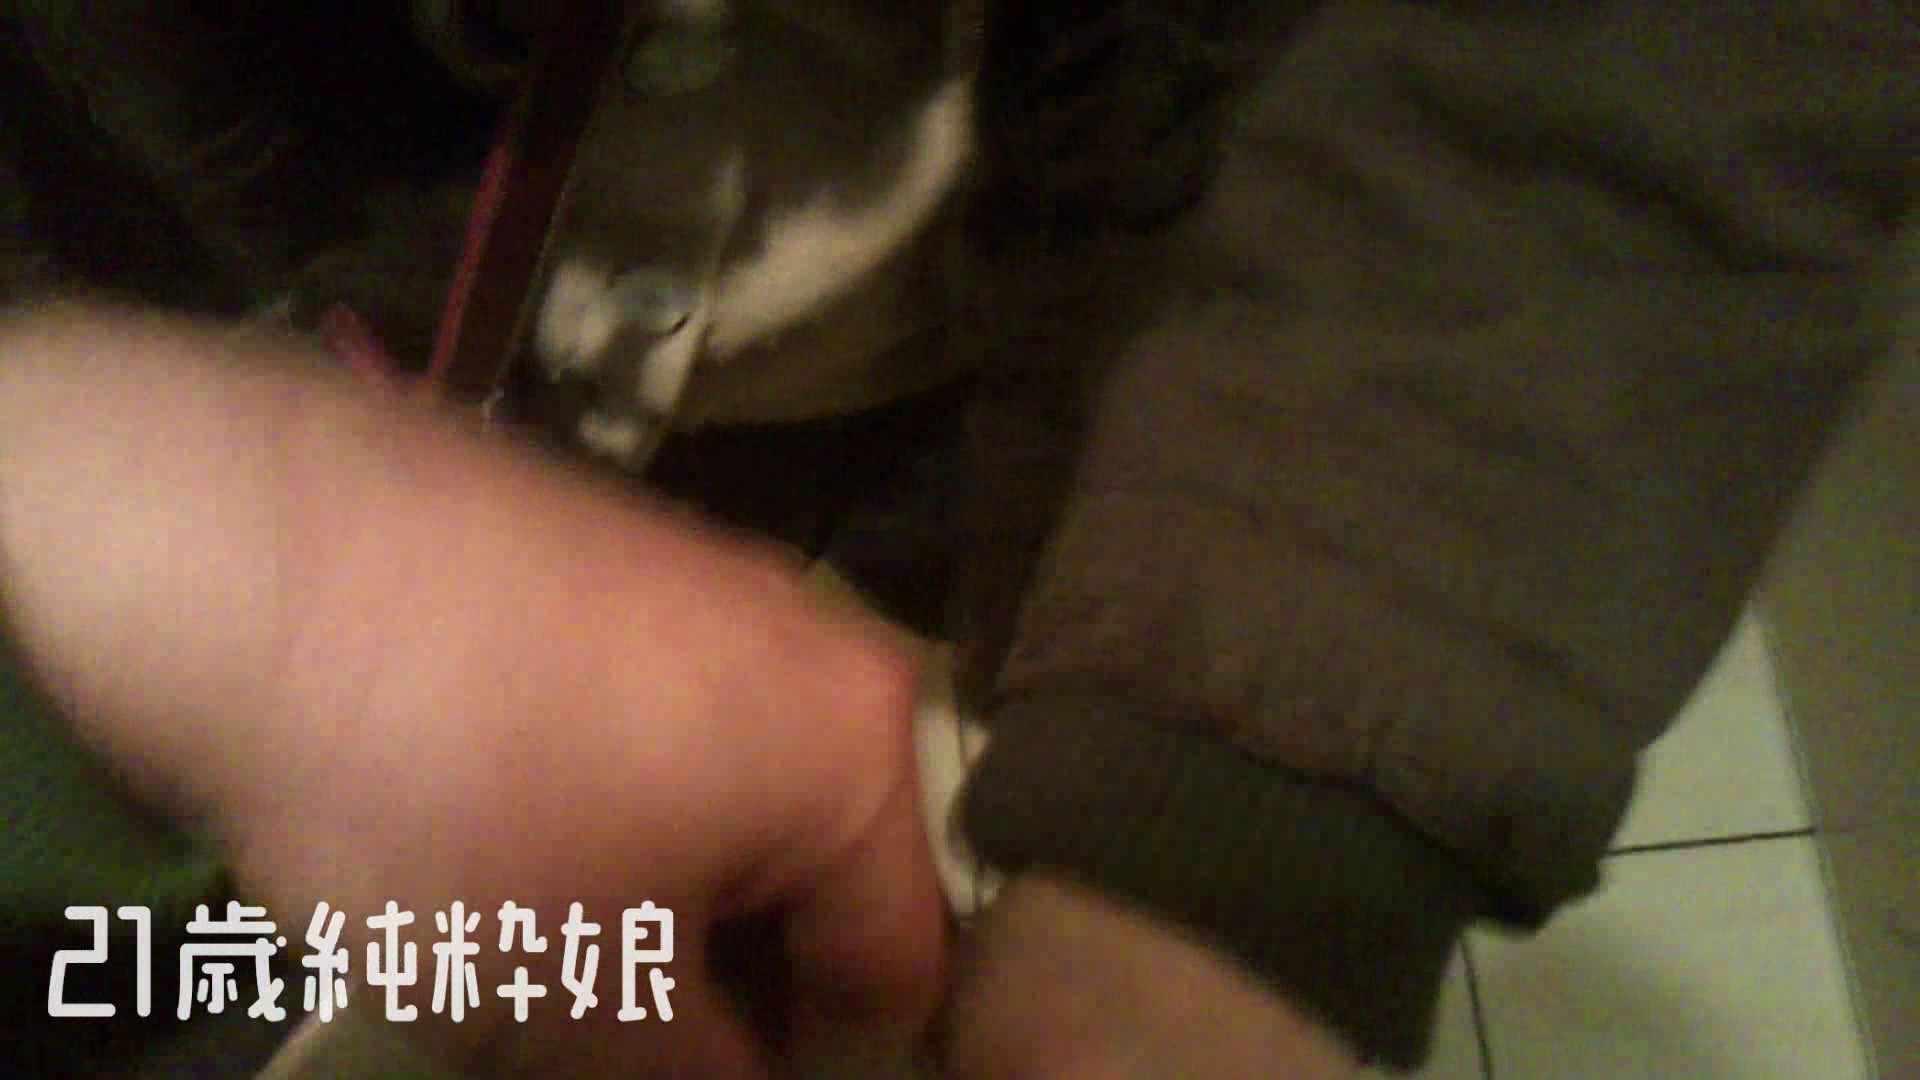 Gカップ21歳純粋嬢第2弾Vol.5 一般投稿  99連発 27